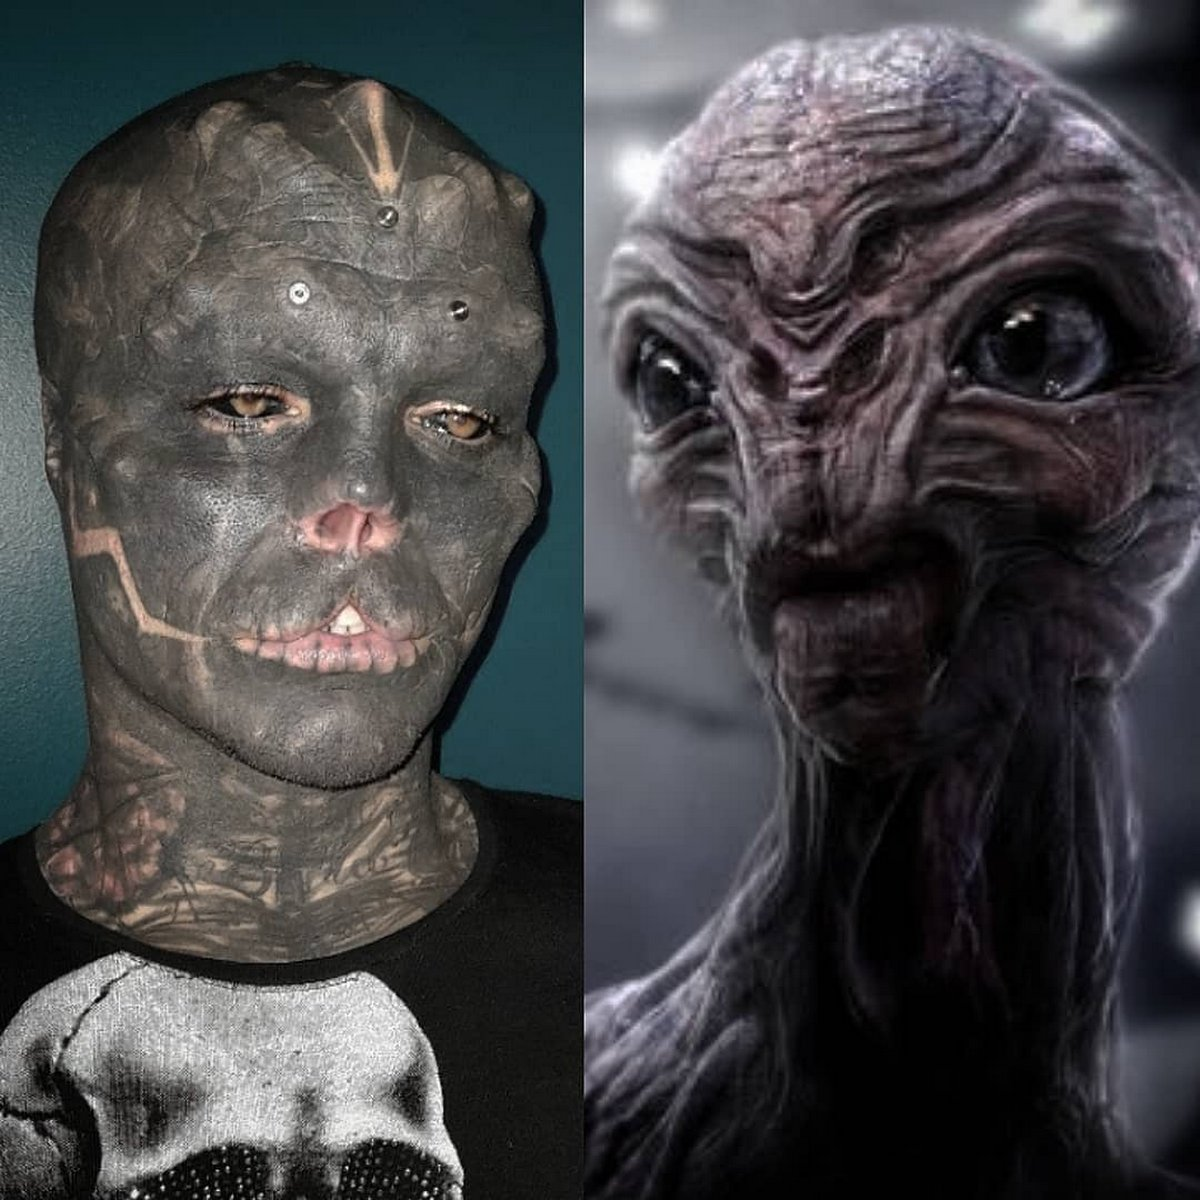 Cet homme sans nez qui s'est fait enlever la lèvre supérieure pour ressembler à un extraterrestre a maintenant du mal à parler